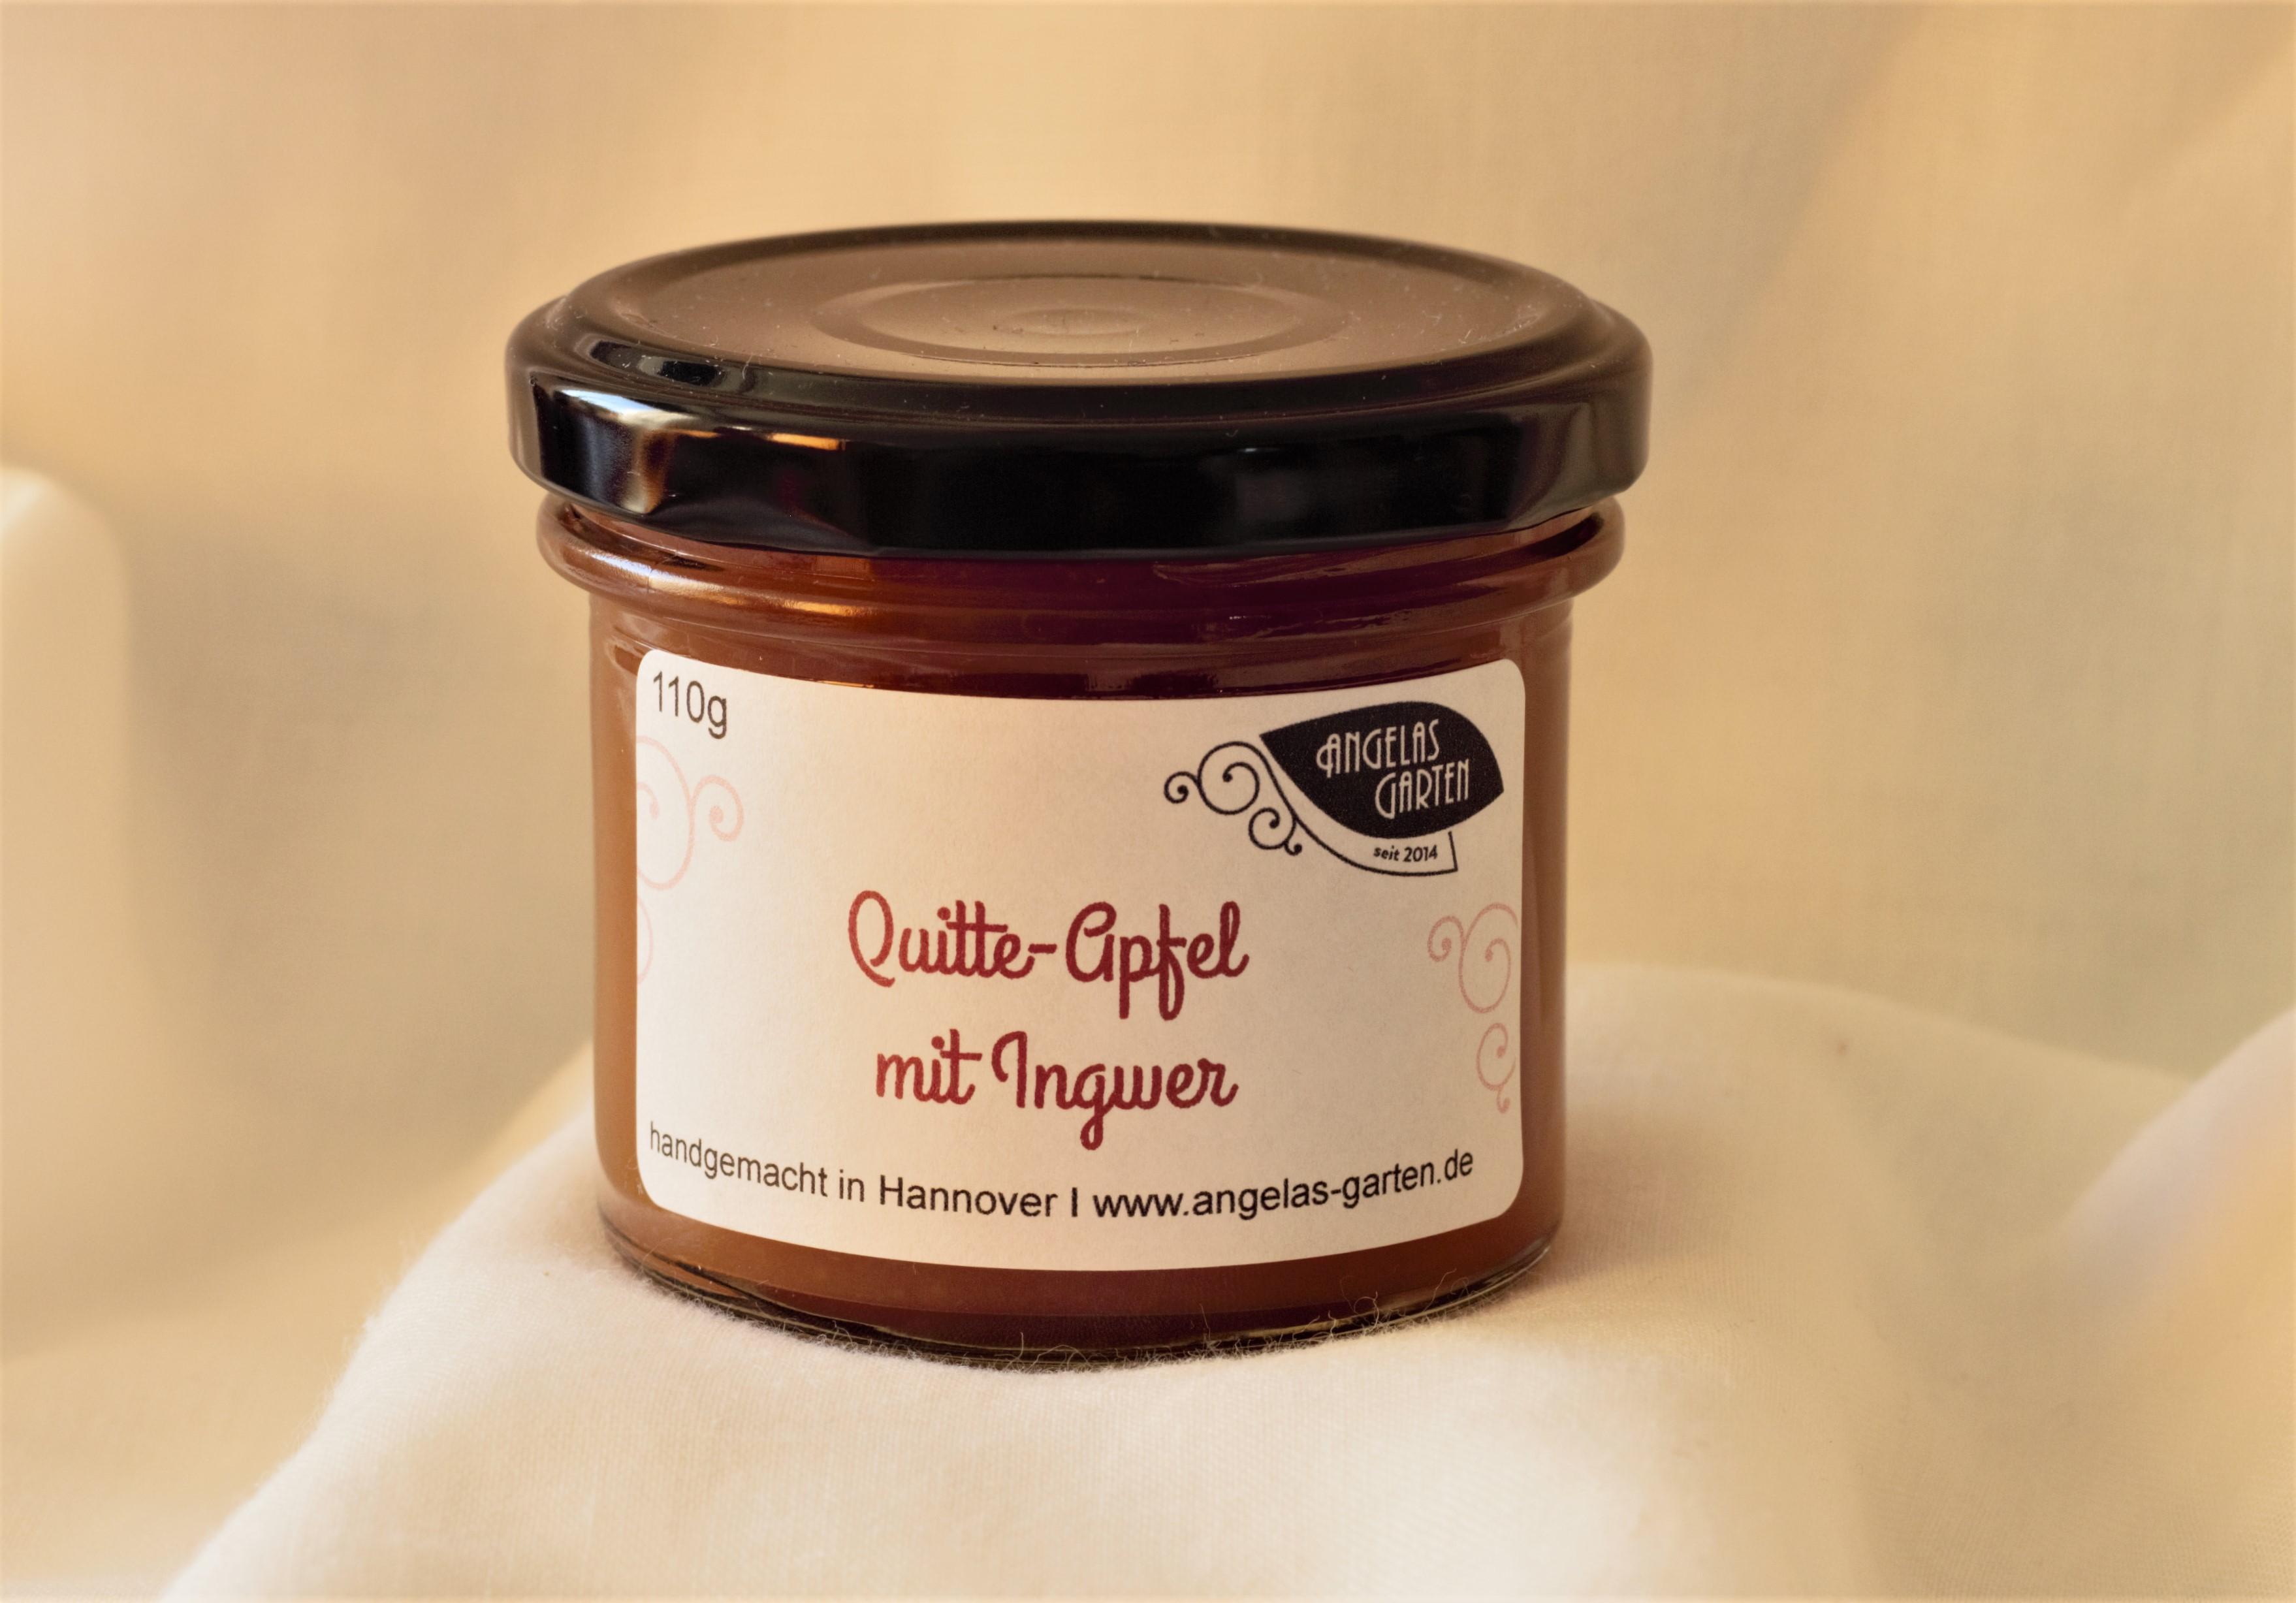 Quitte-Apfel mit Ingwer 110g